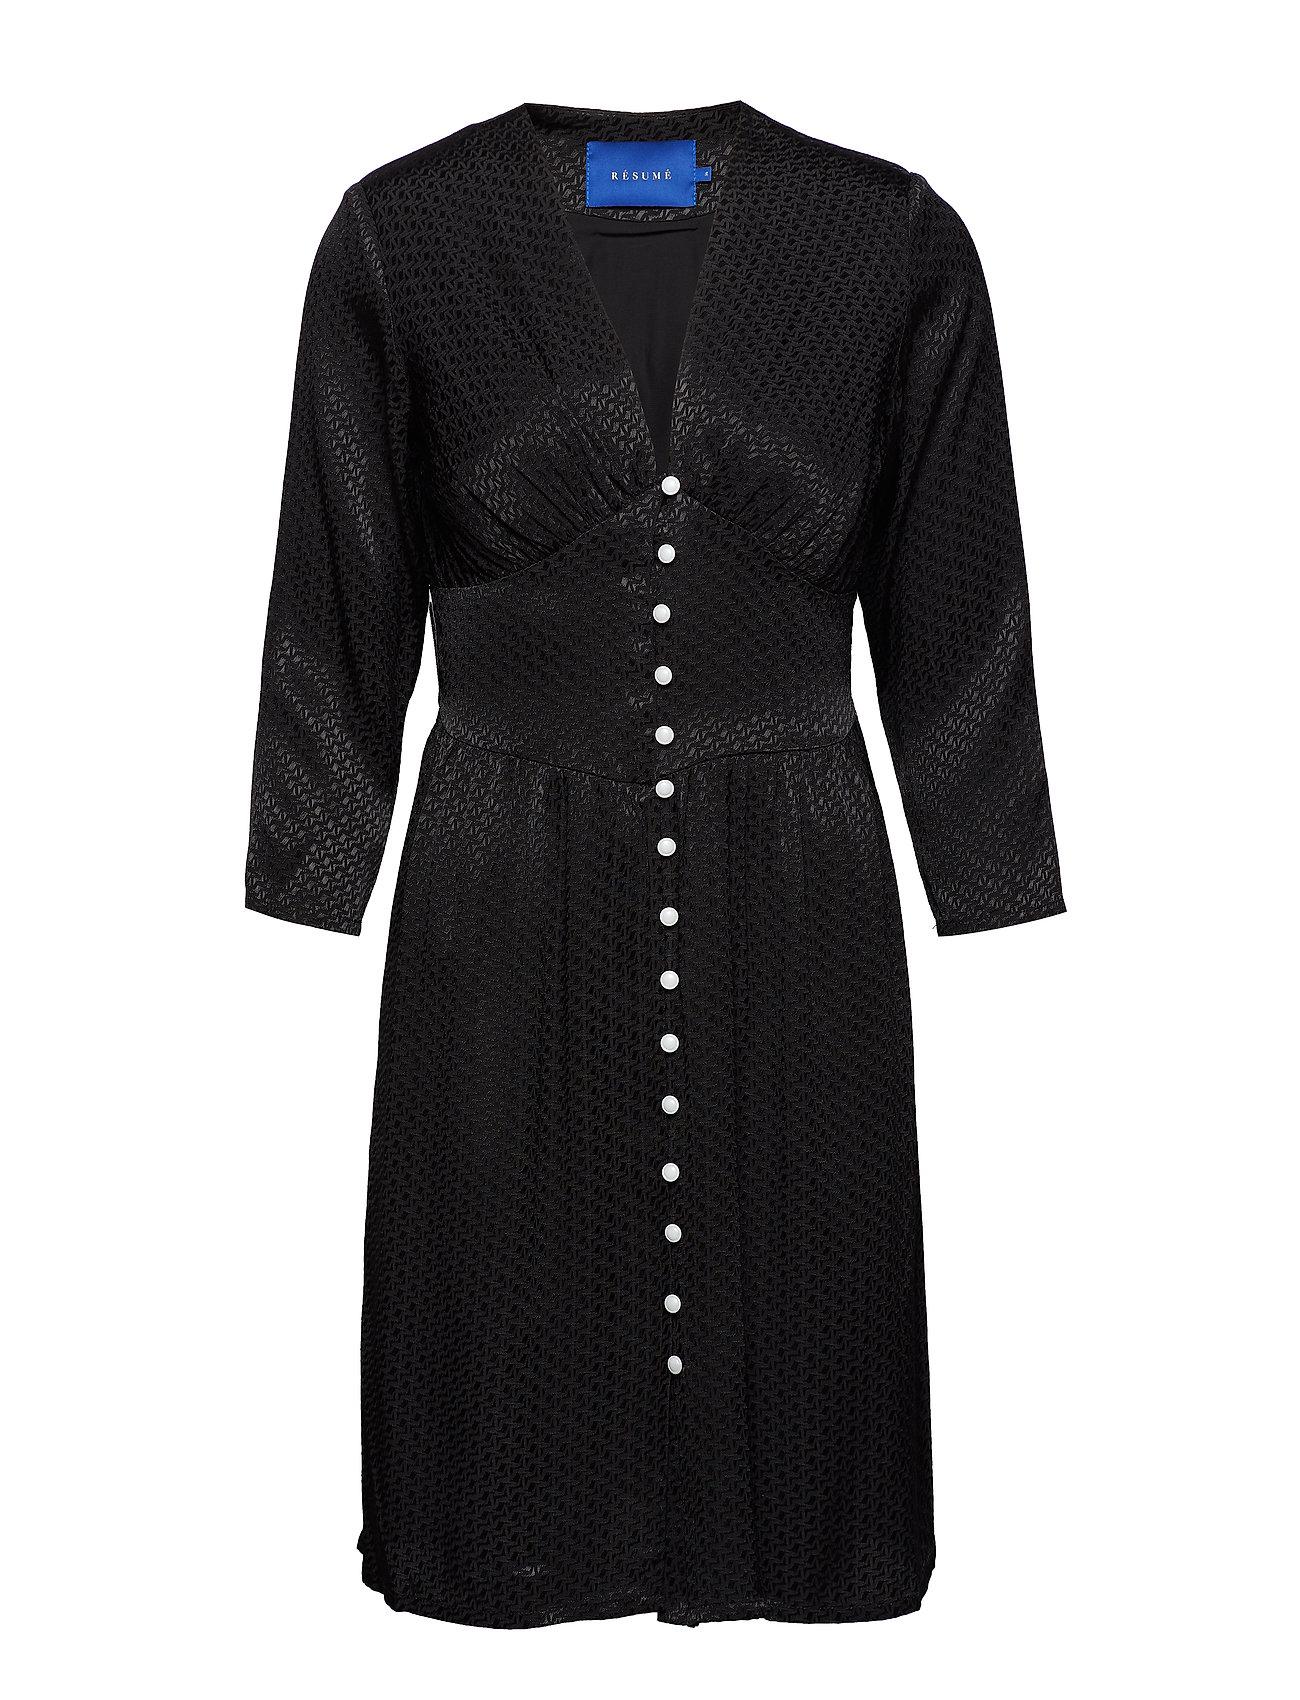 Résumé Krystal dress - BLACK